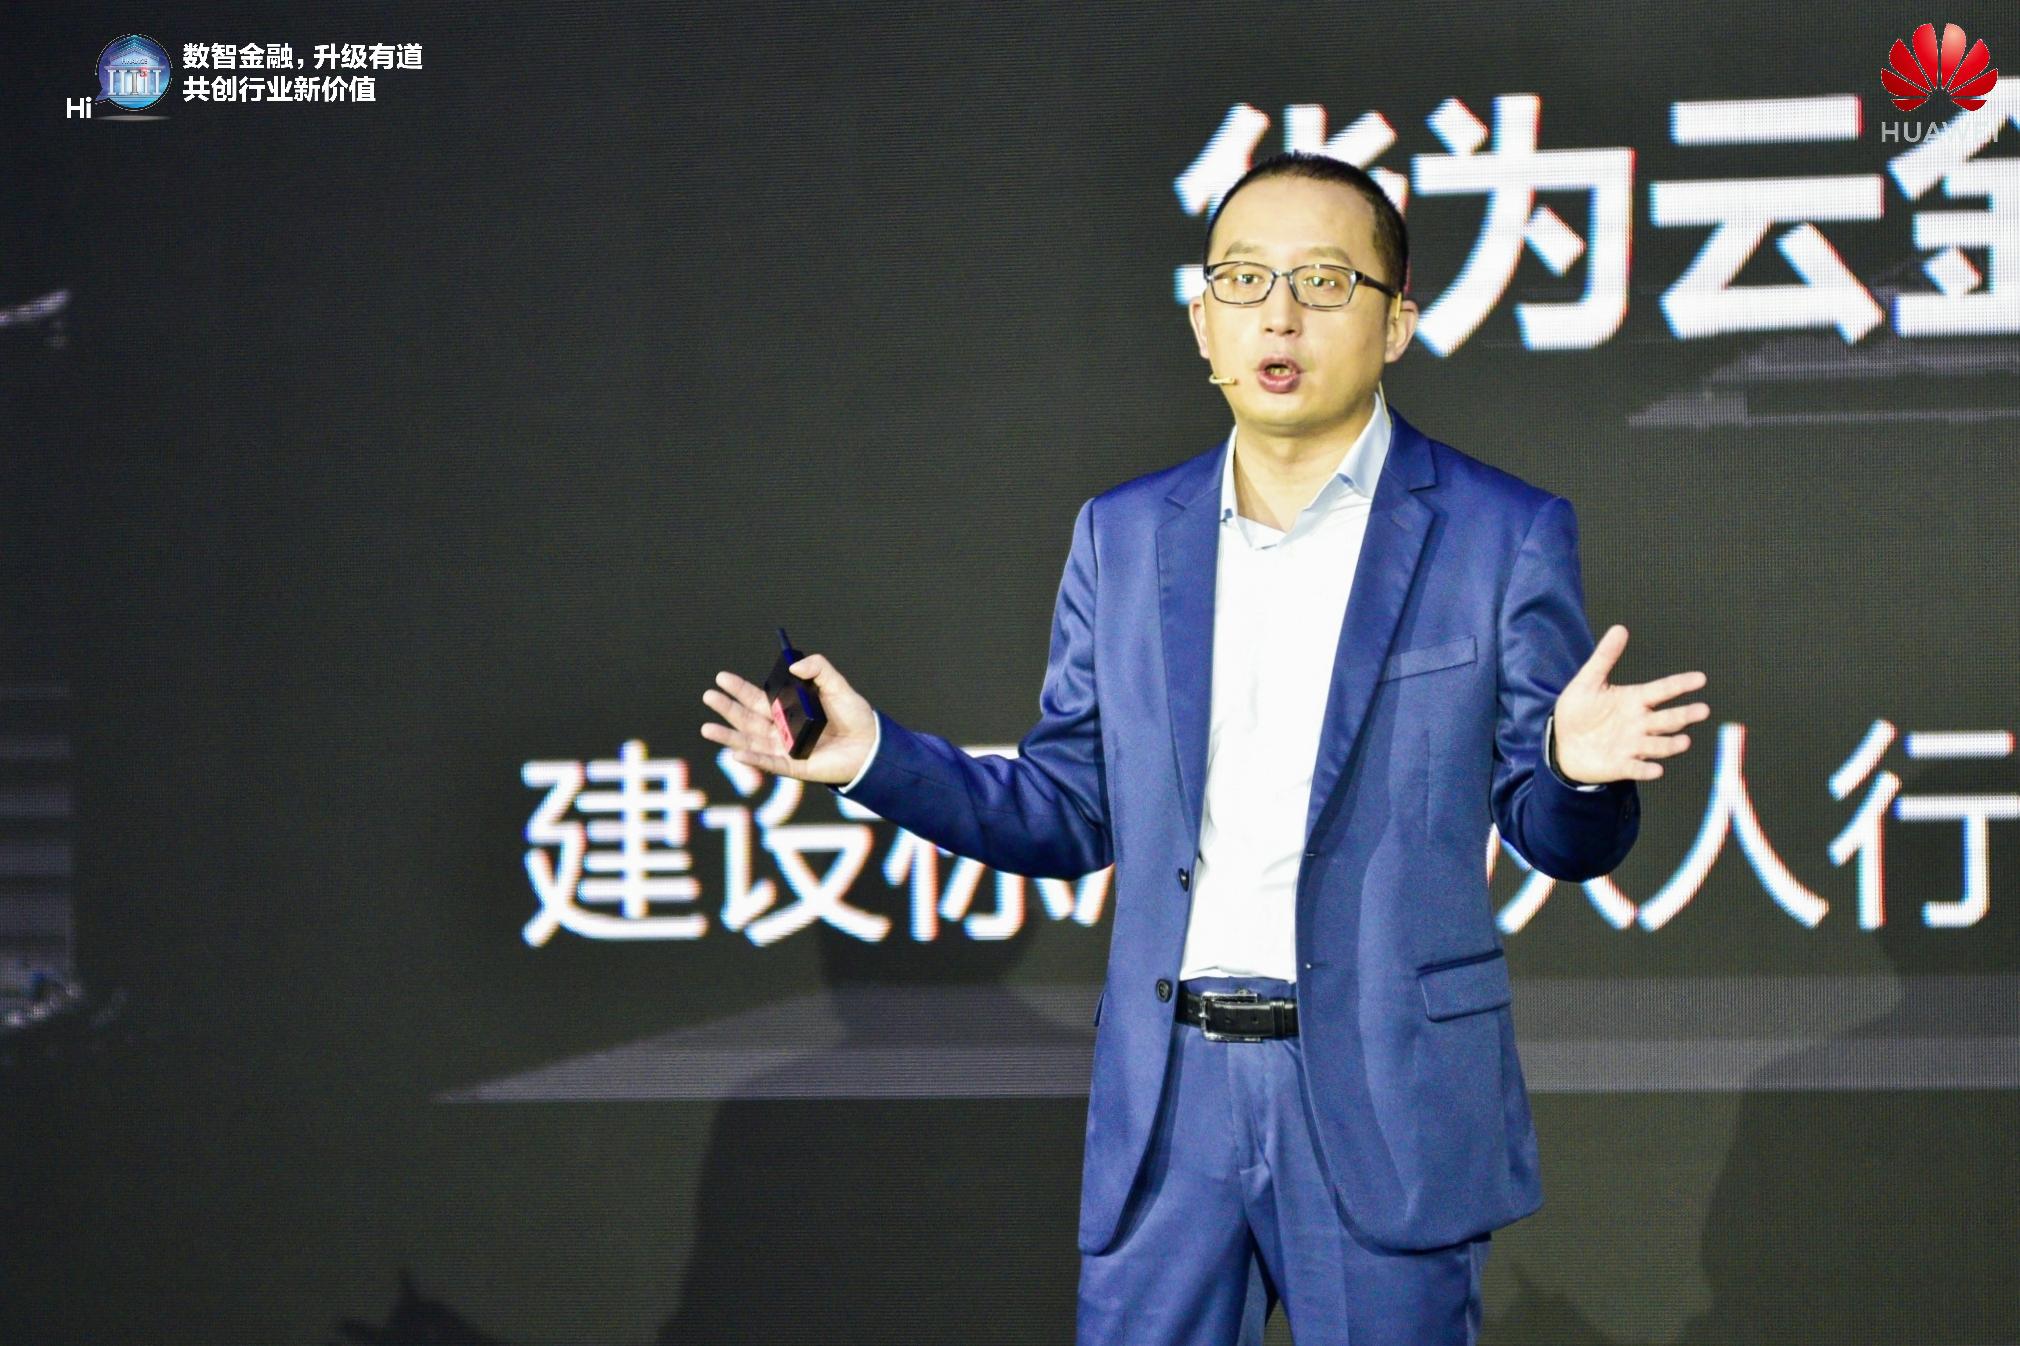 华为云发布2021金融系列产品上新计划,迈向金融云原生2.0